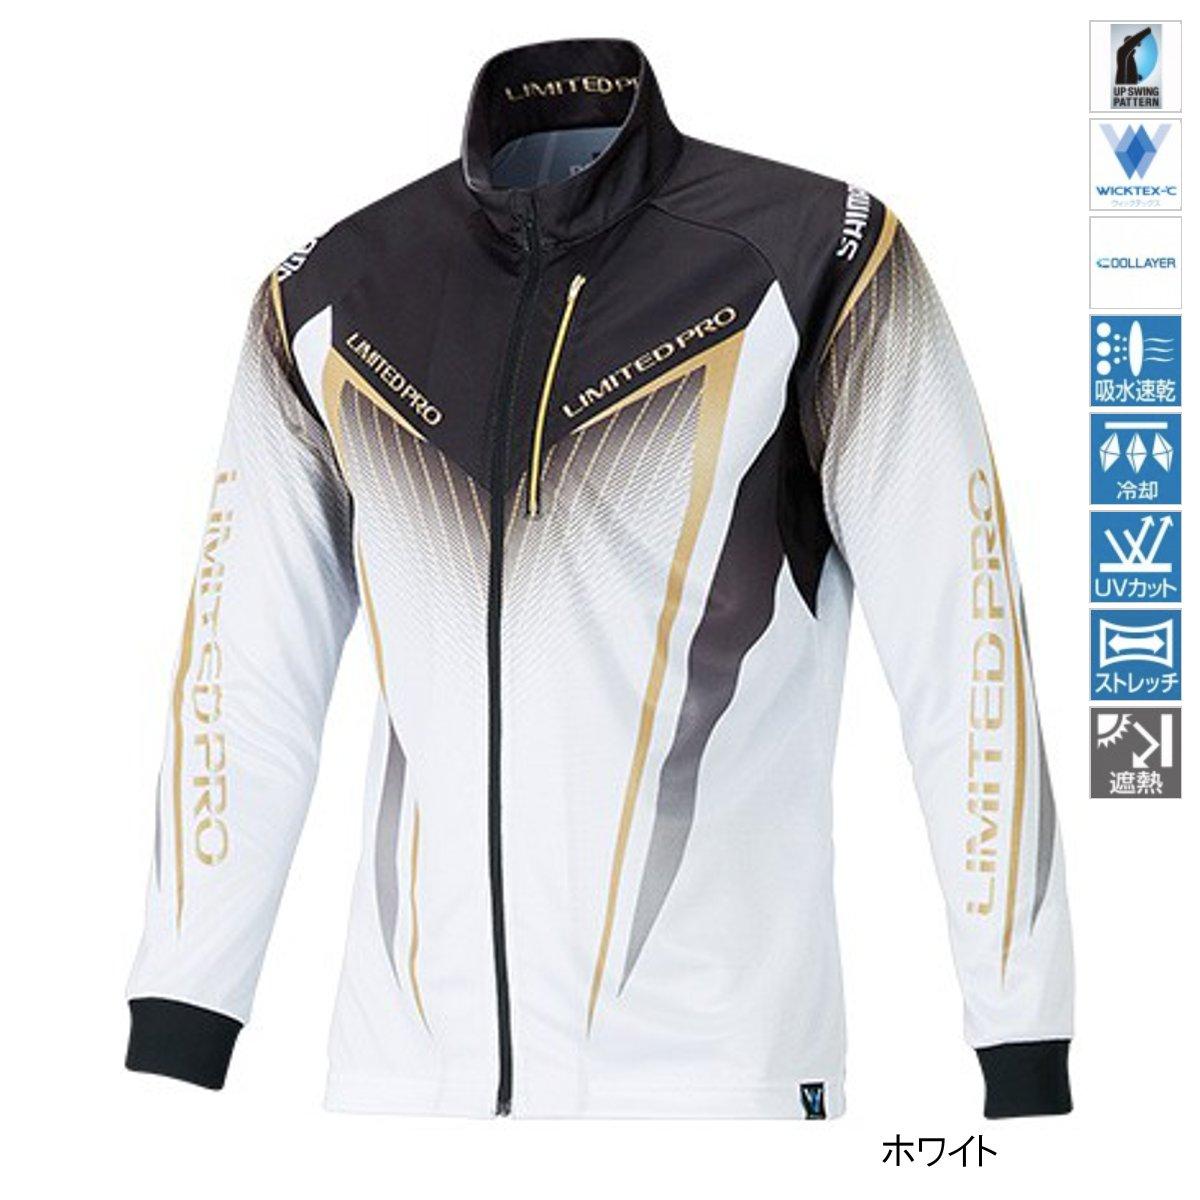 シマノ フルジップシャツLIMITED PRO(長袖) SH-011S M ホワイト【送料無料】